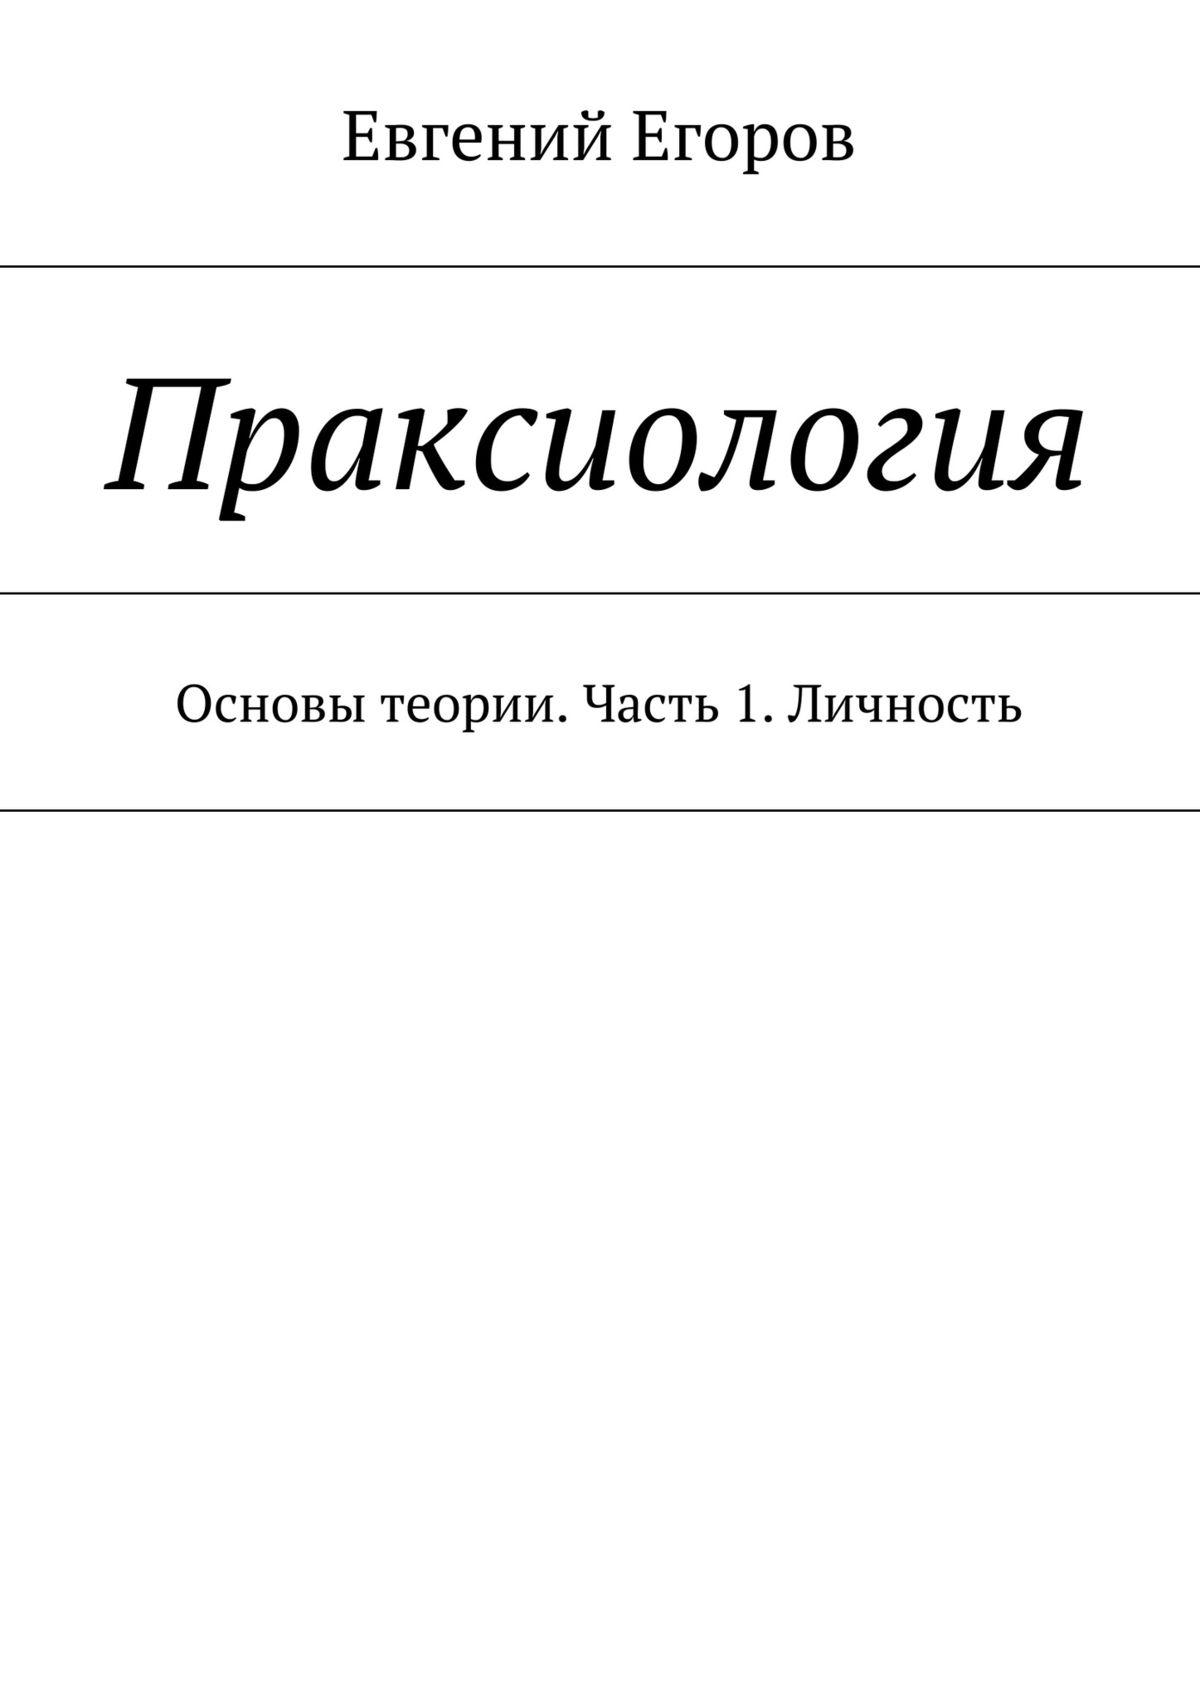 Евгений Егоров Праксиология. Основы теории. Часть 1. Личность газета в аспекте воздействия на личность